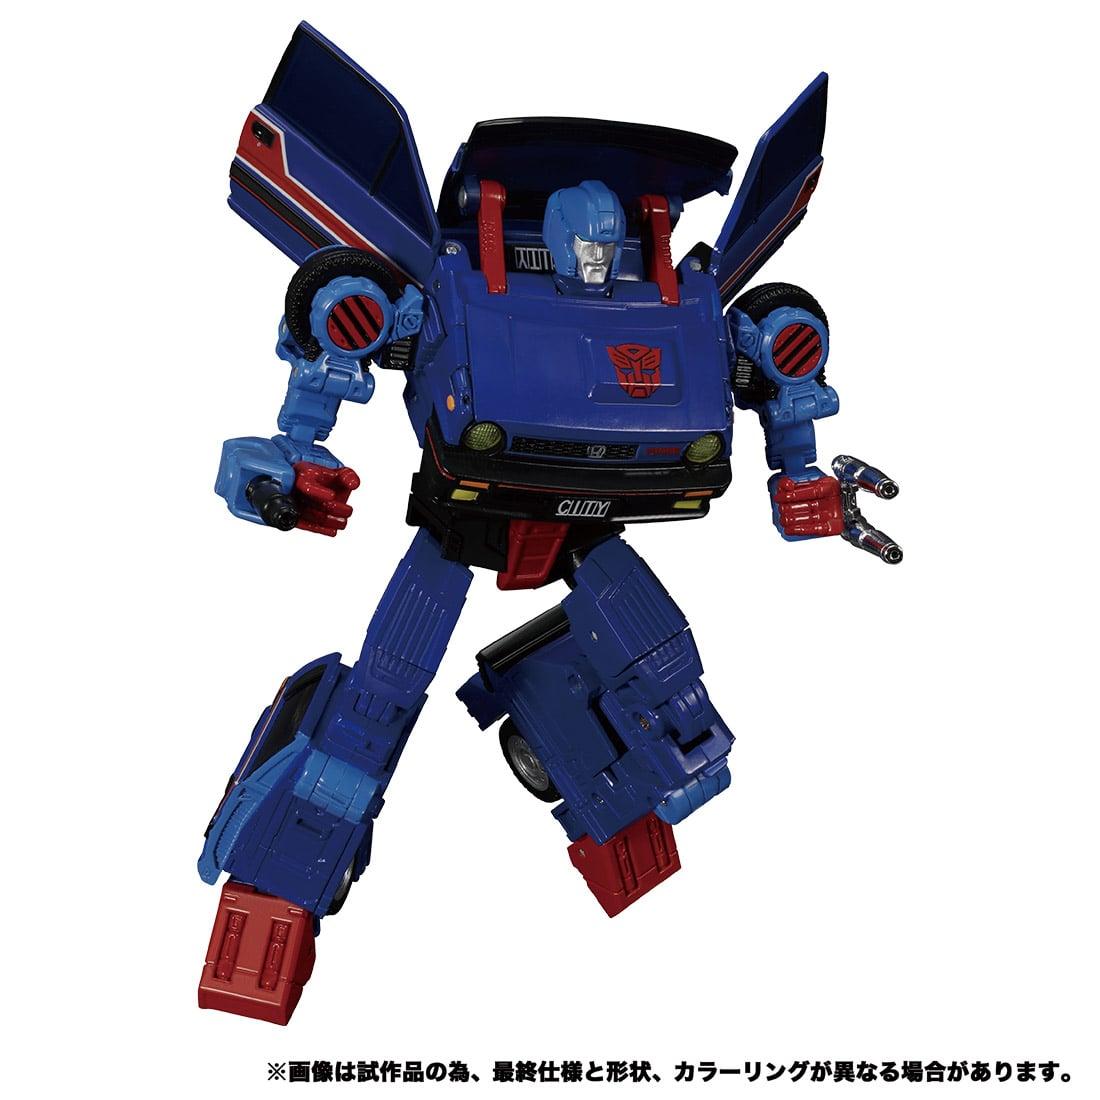 マスターピース『MP-53 スキッズ』トランスフォーマー 可変可動フィギュア-001